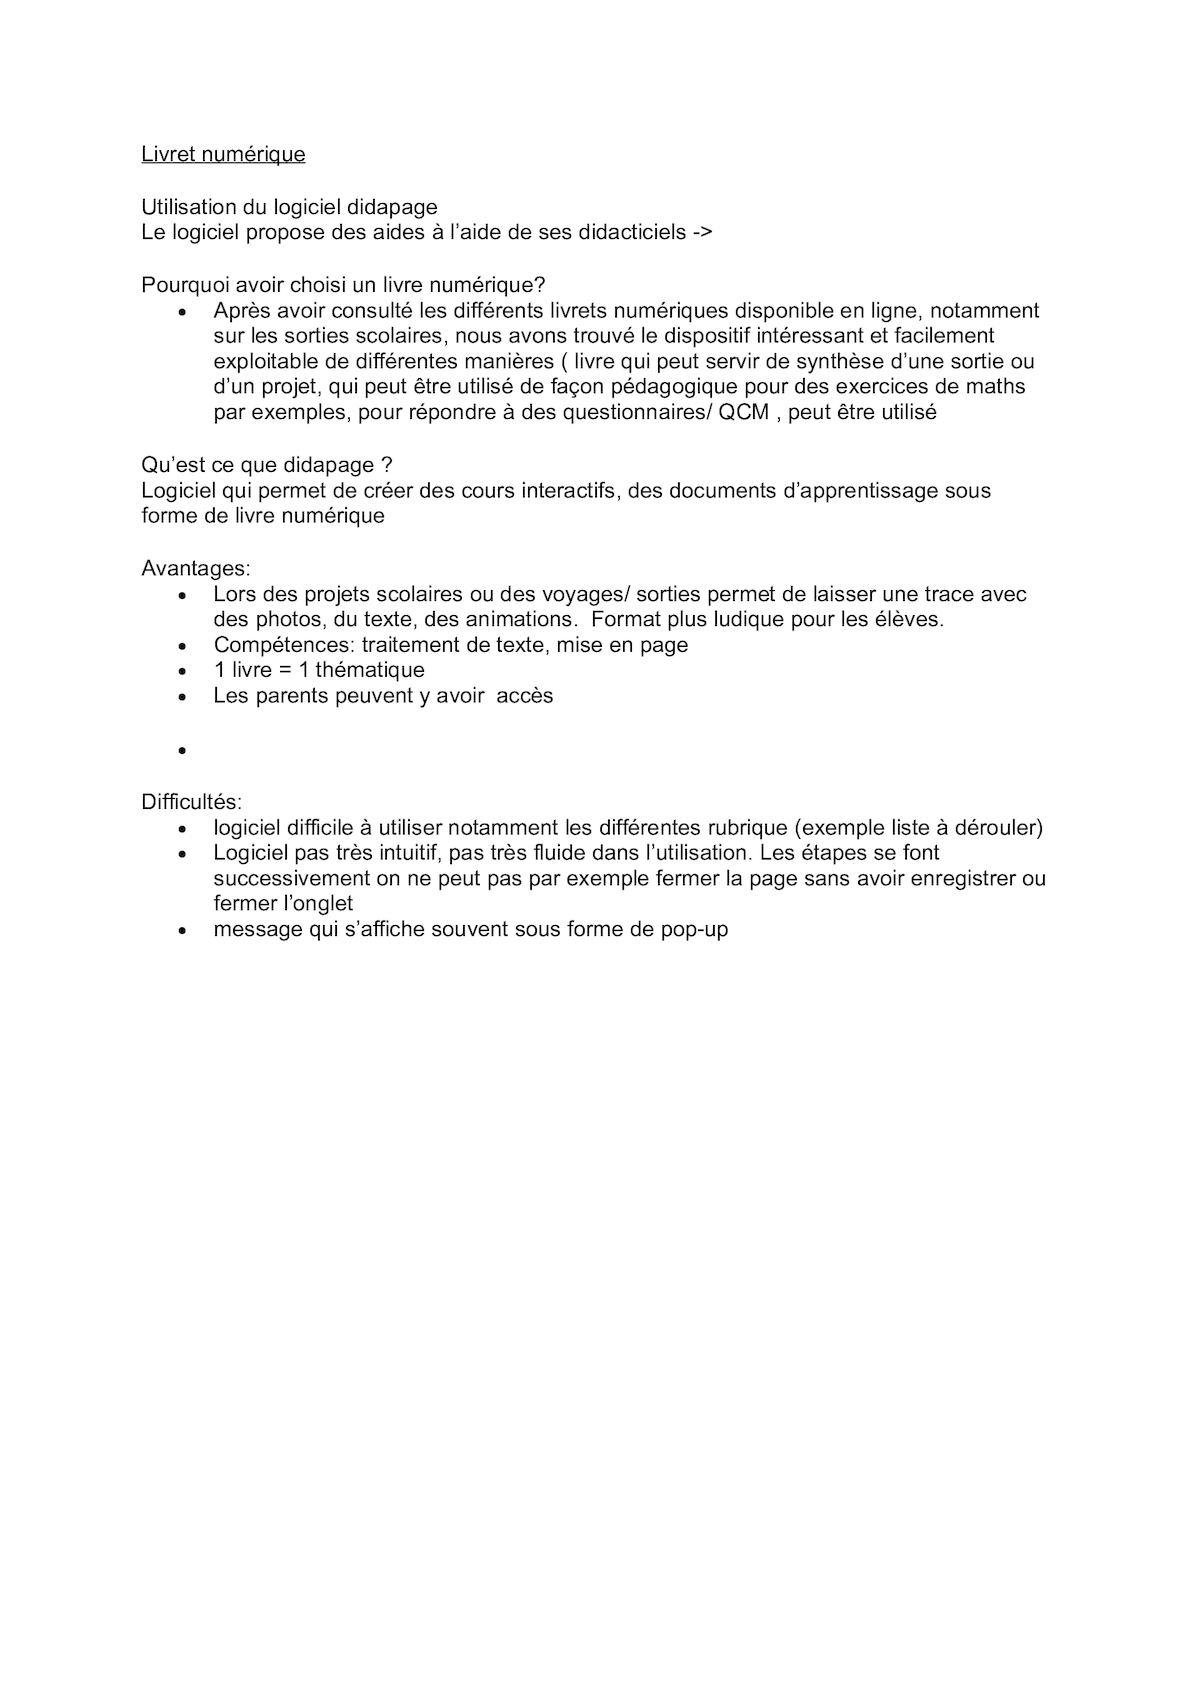 Evaluation de la séquence